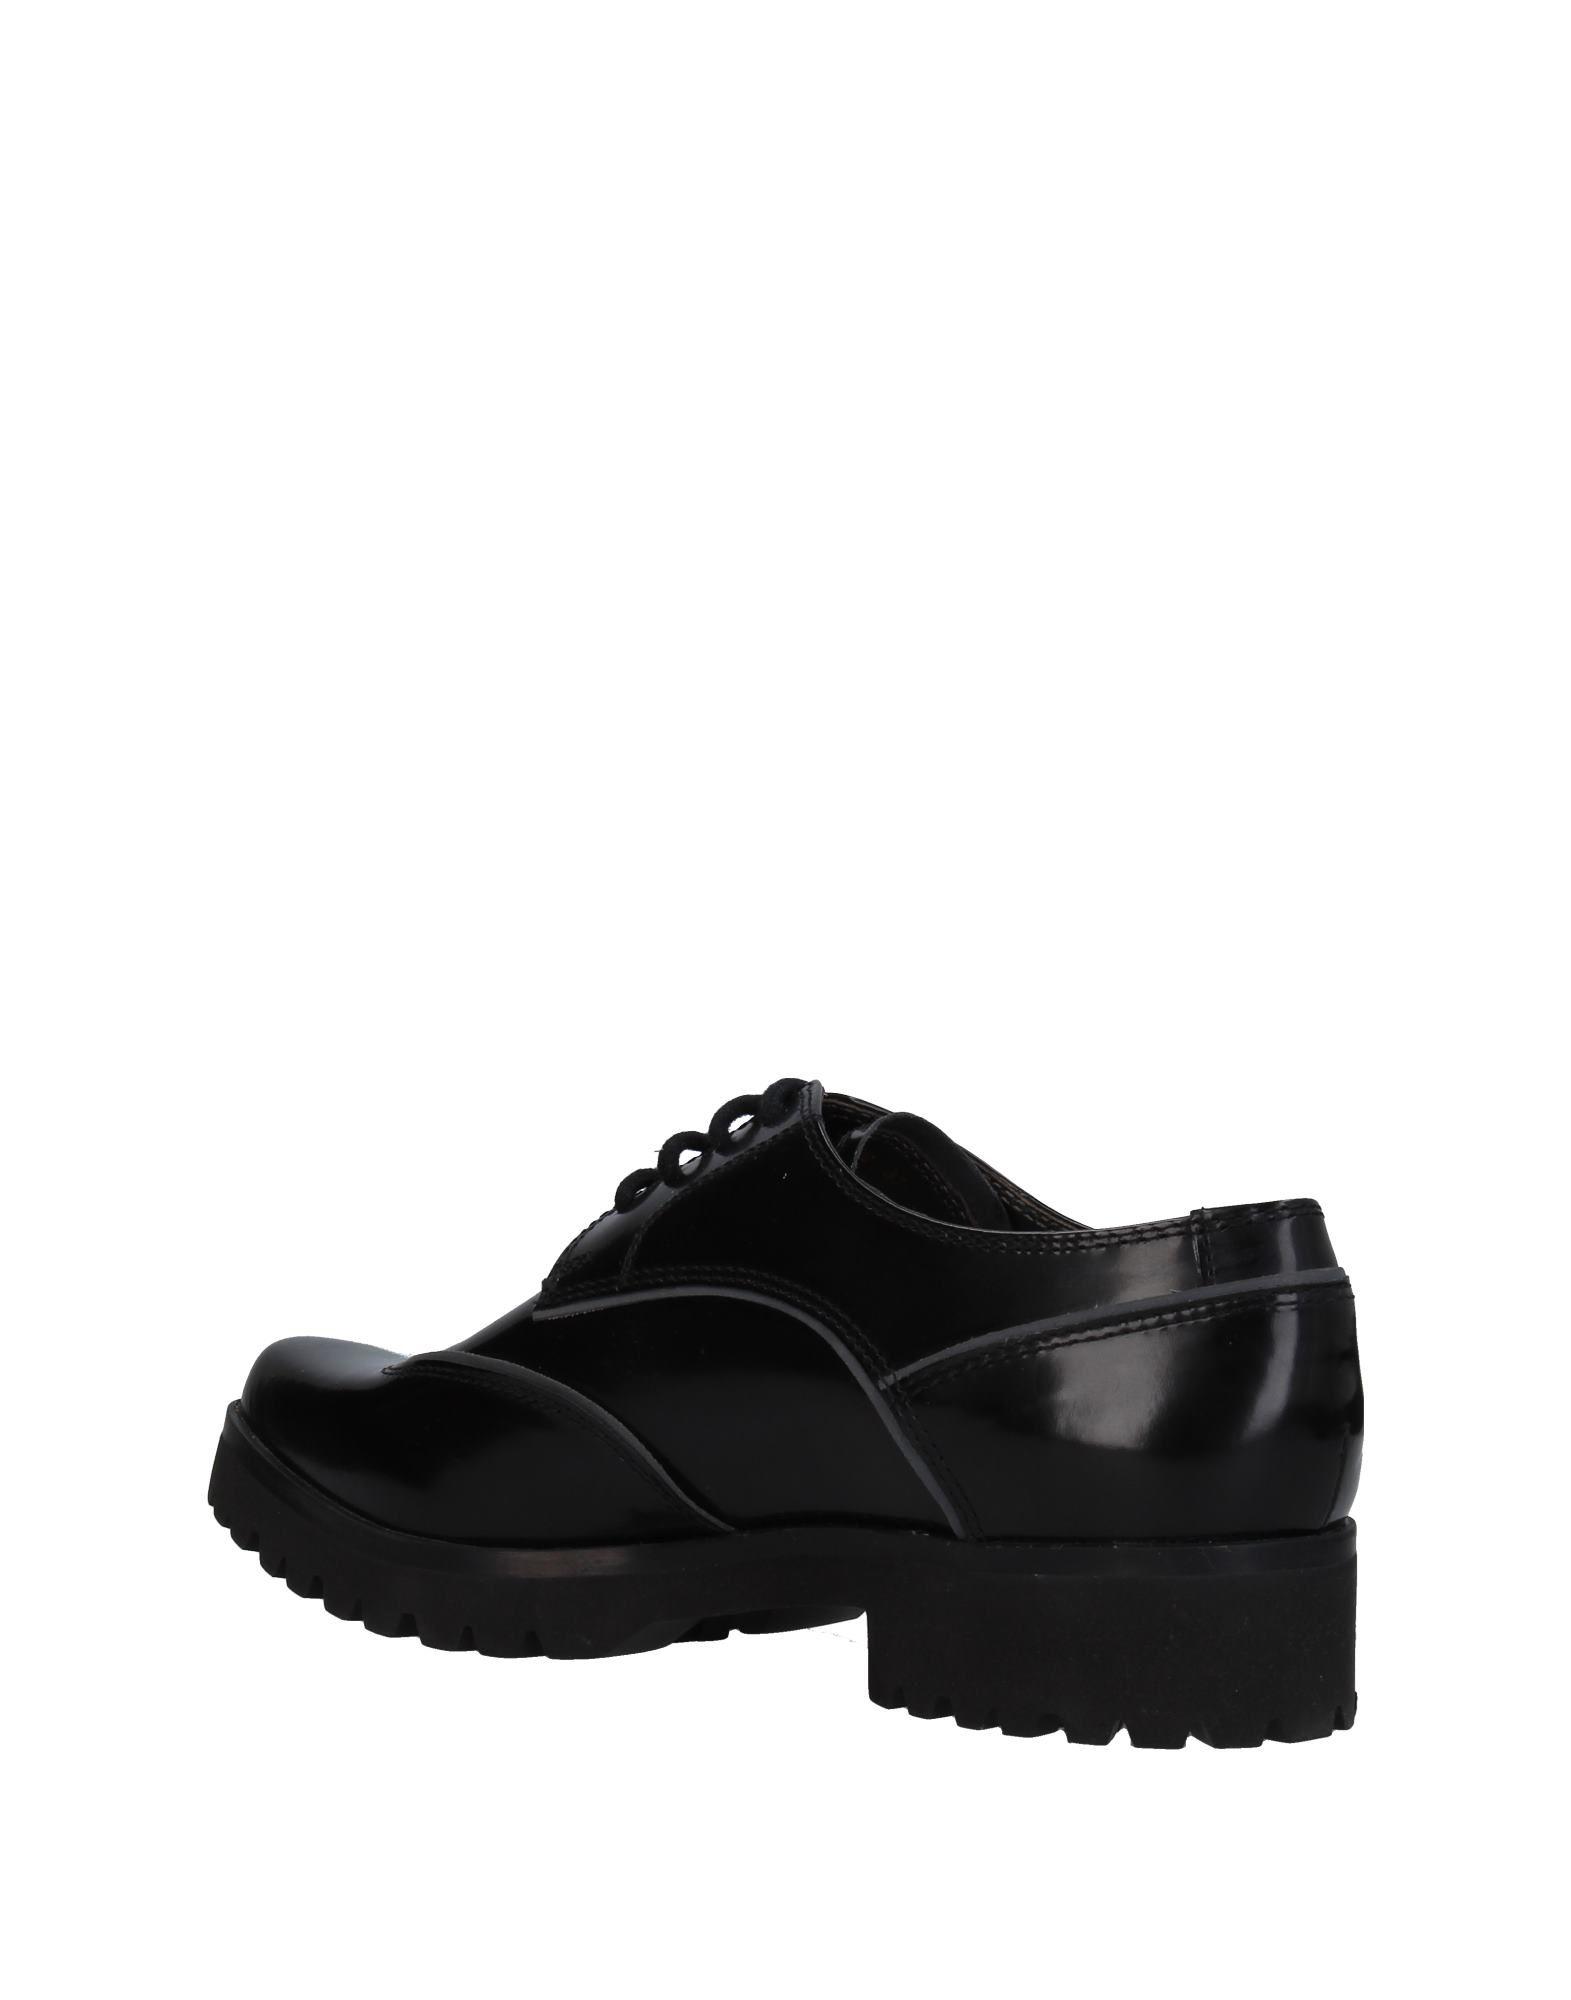 Chaussures À Lacets Geox Femme - Chaussures À Lacets Geox sur